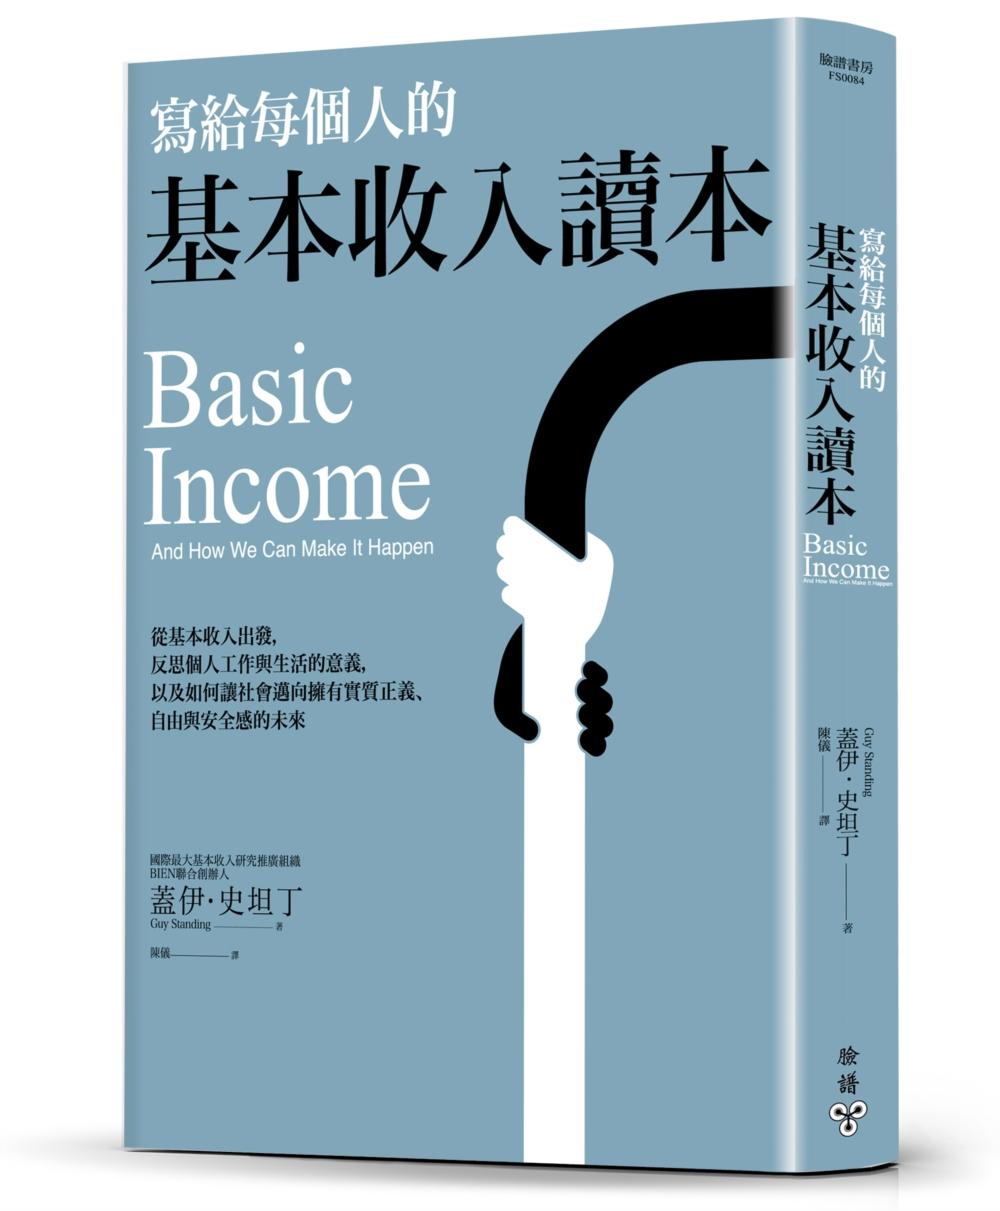 寫給每個人的基本收入讀本:從基本收入出發,反思個人工作與生活的意義,以及如何讓社會邁向擁有實質正義、自由與安全感的未來